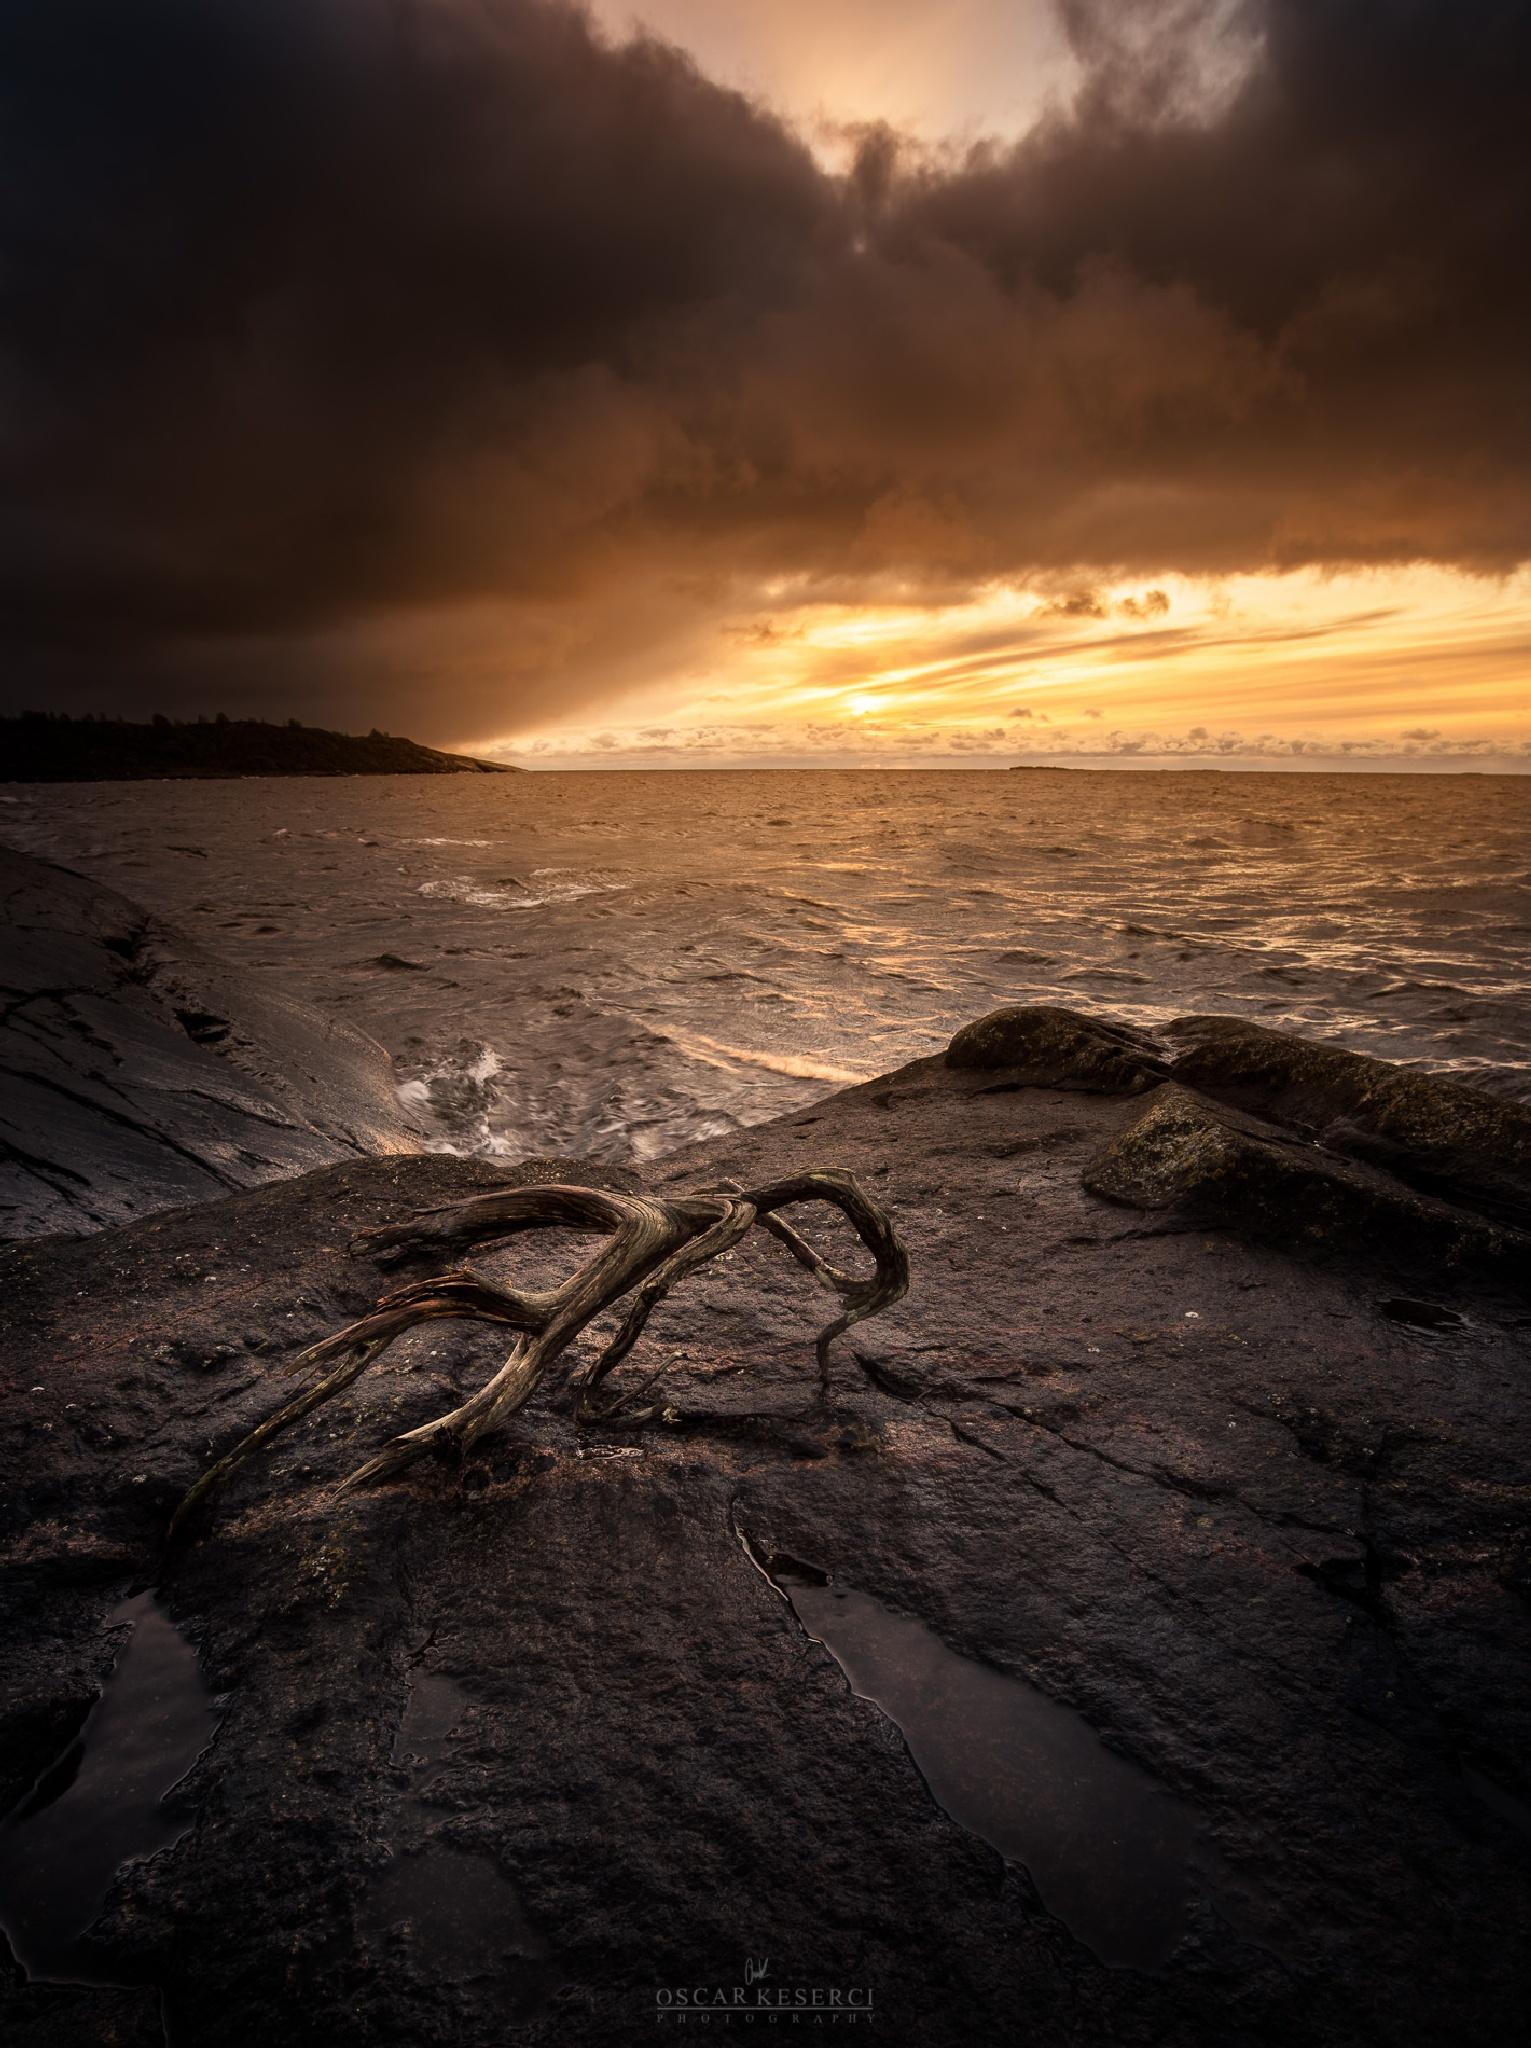 Sunset in Kökar by oscar keserci